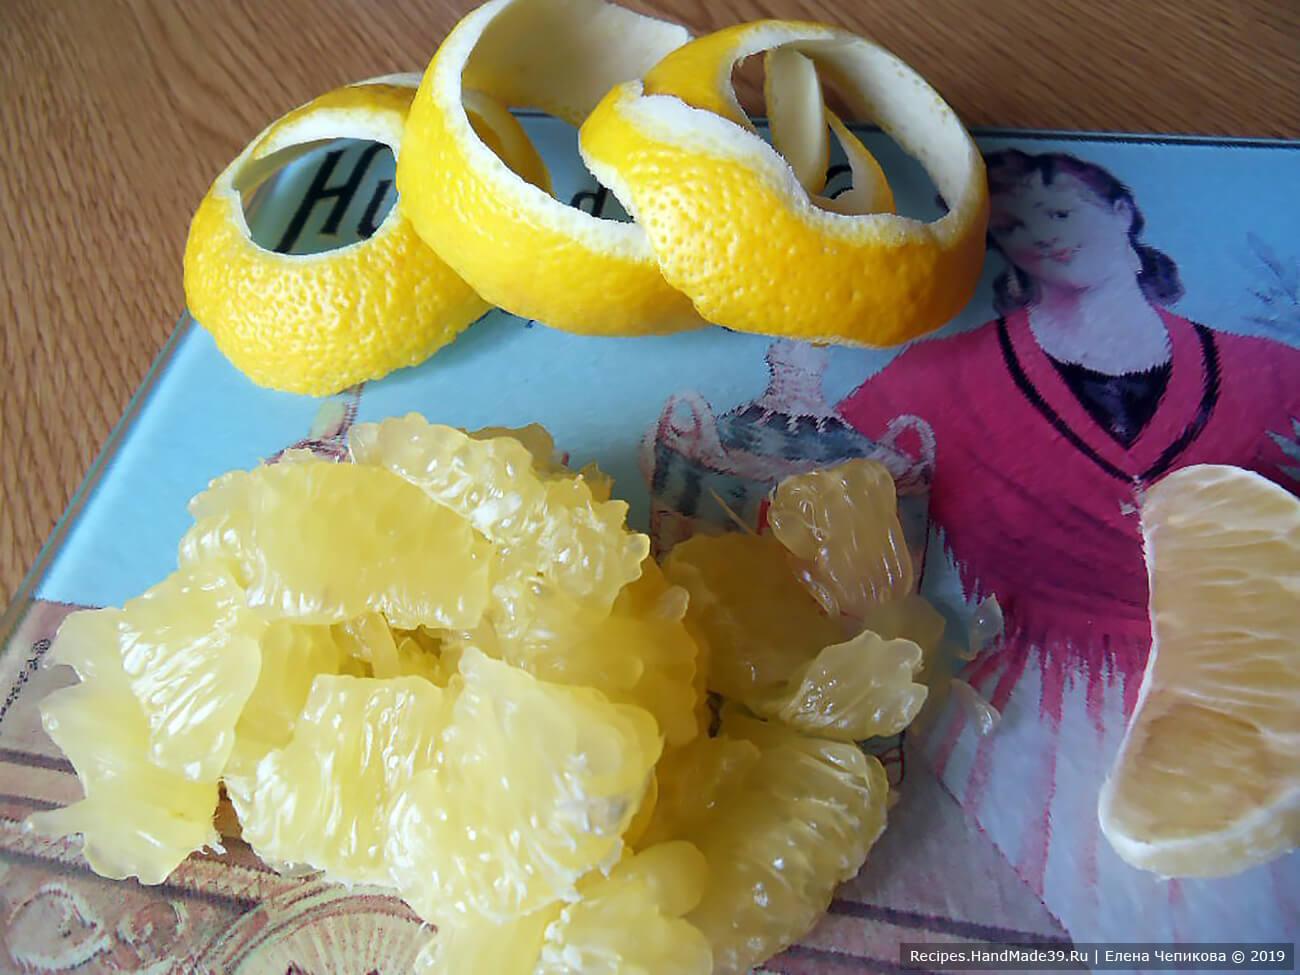 Лимон вымыть, цедру срезать. Нарезать мякоть, предварительно удалив плёнки.